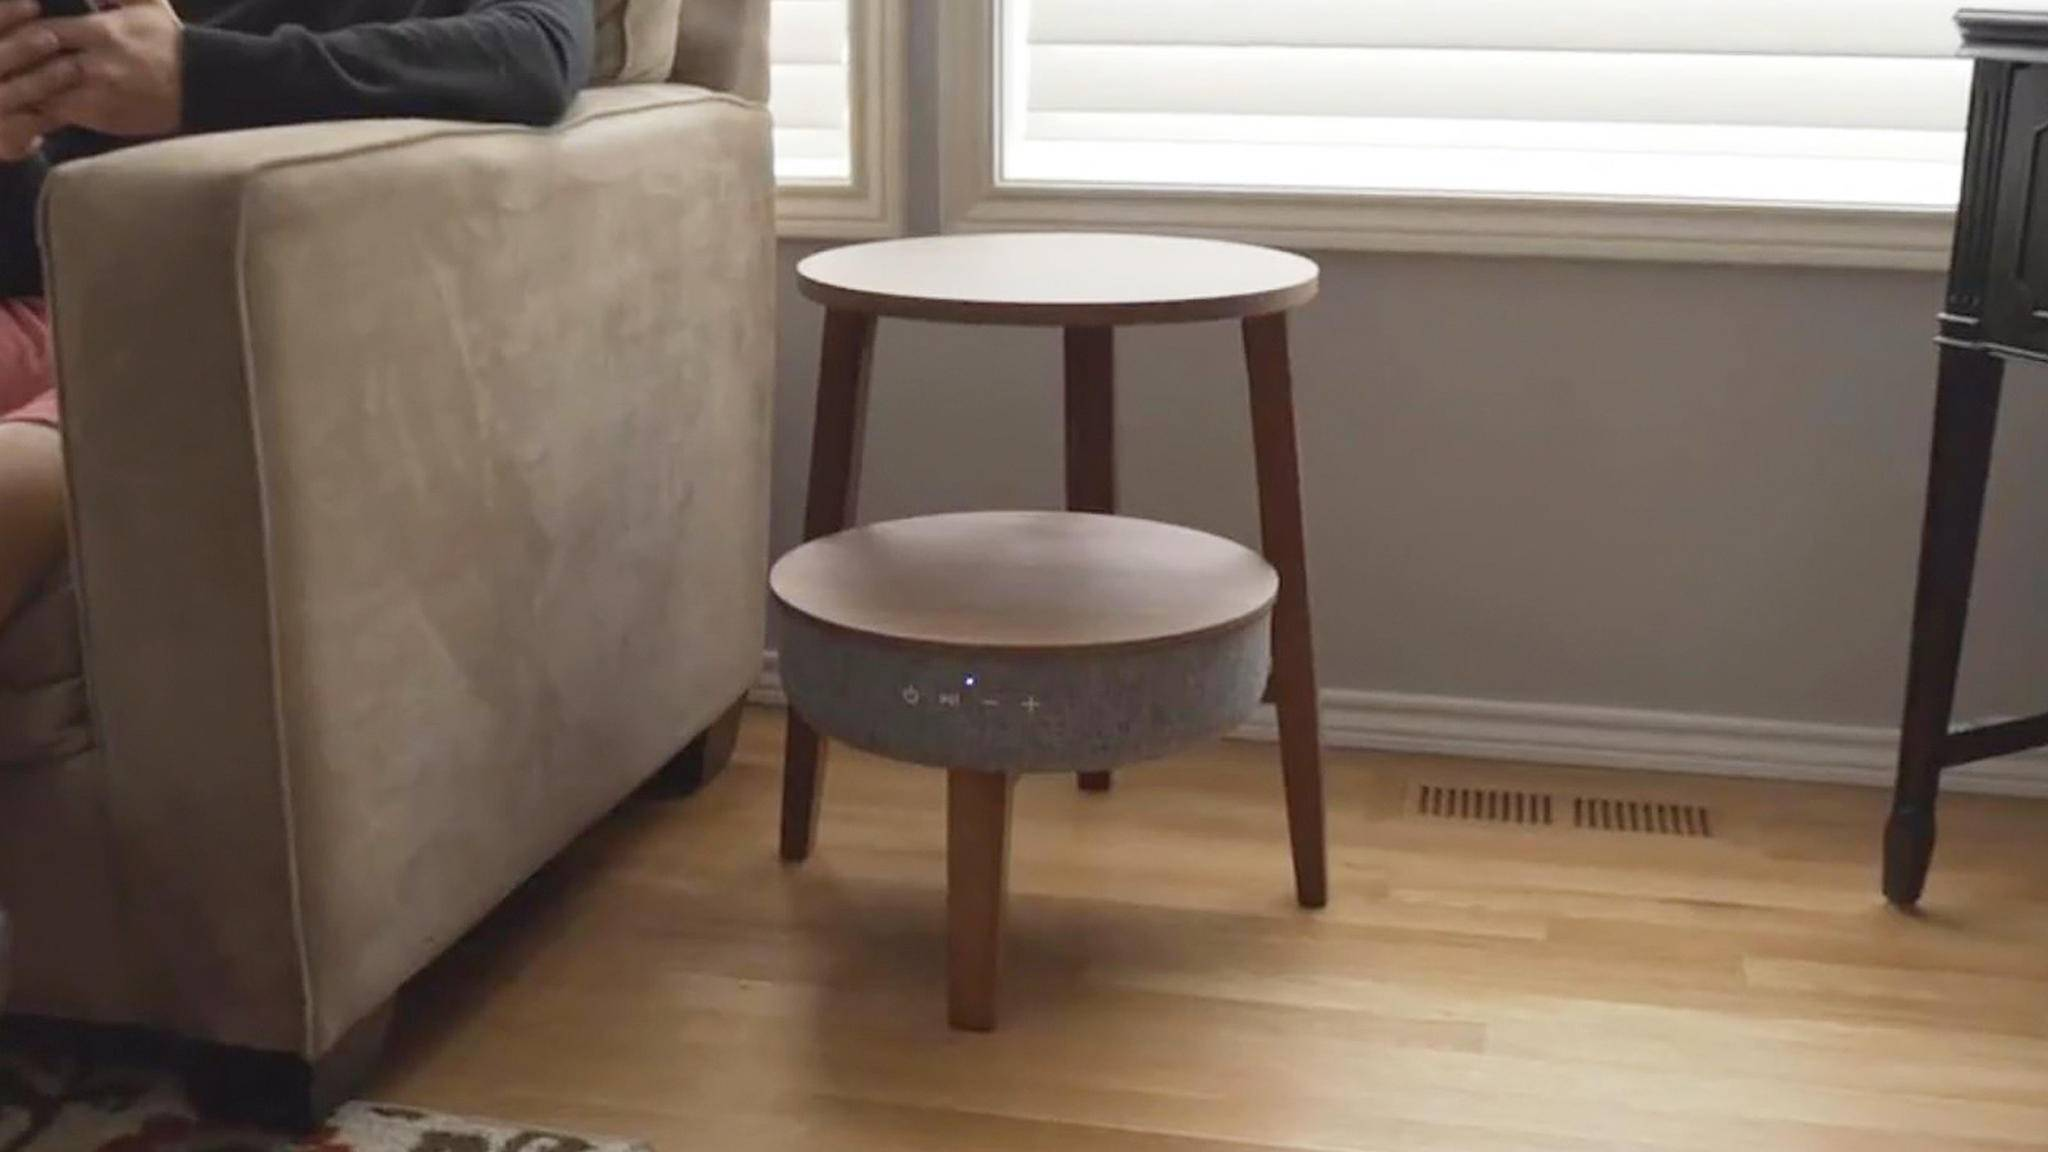 Sono Beistelltisch-Lautsprecher-Ladestation-Youtube-Kickstarter Indiegogo